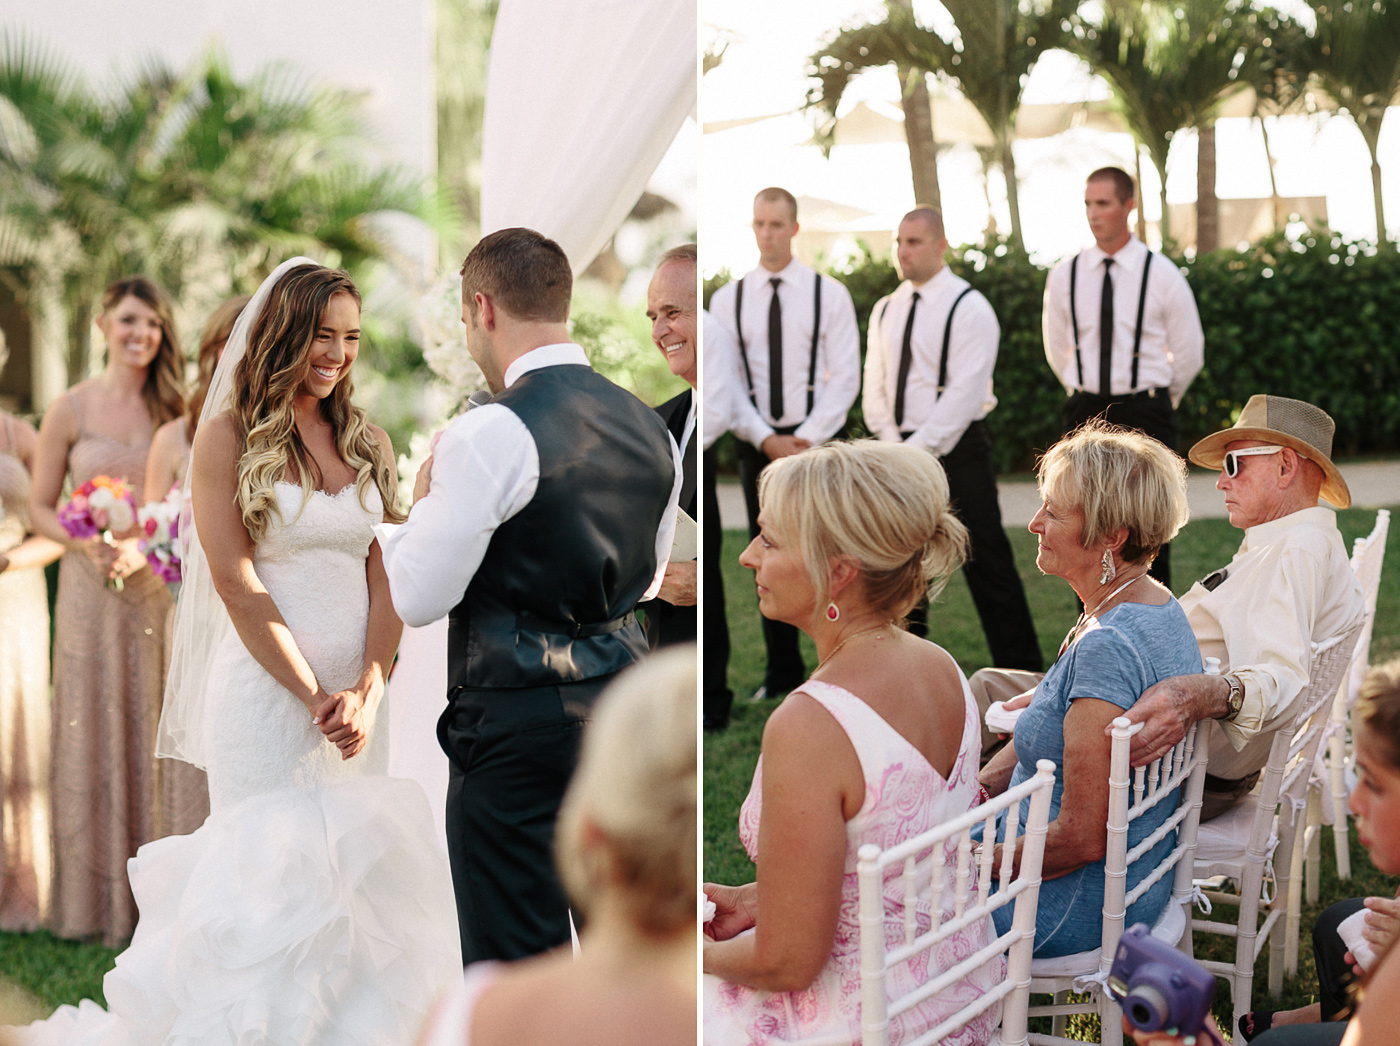 180-puerto-vallarta-wedding-ceremony.jpg